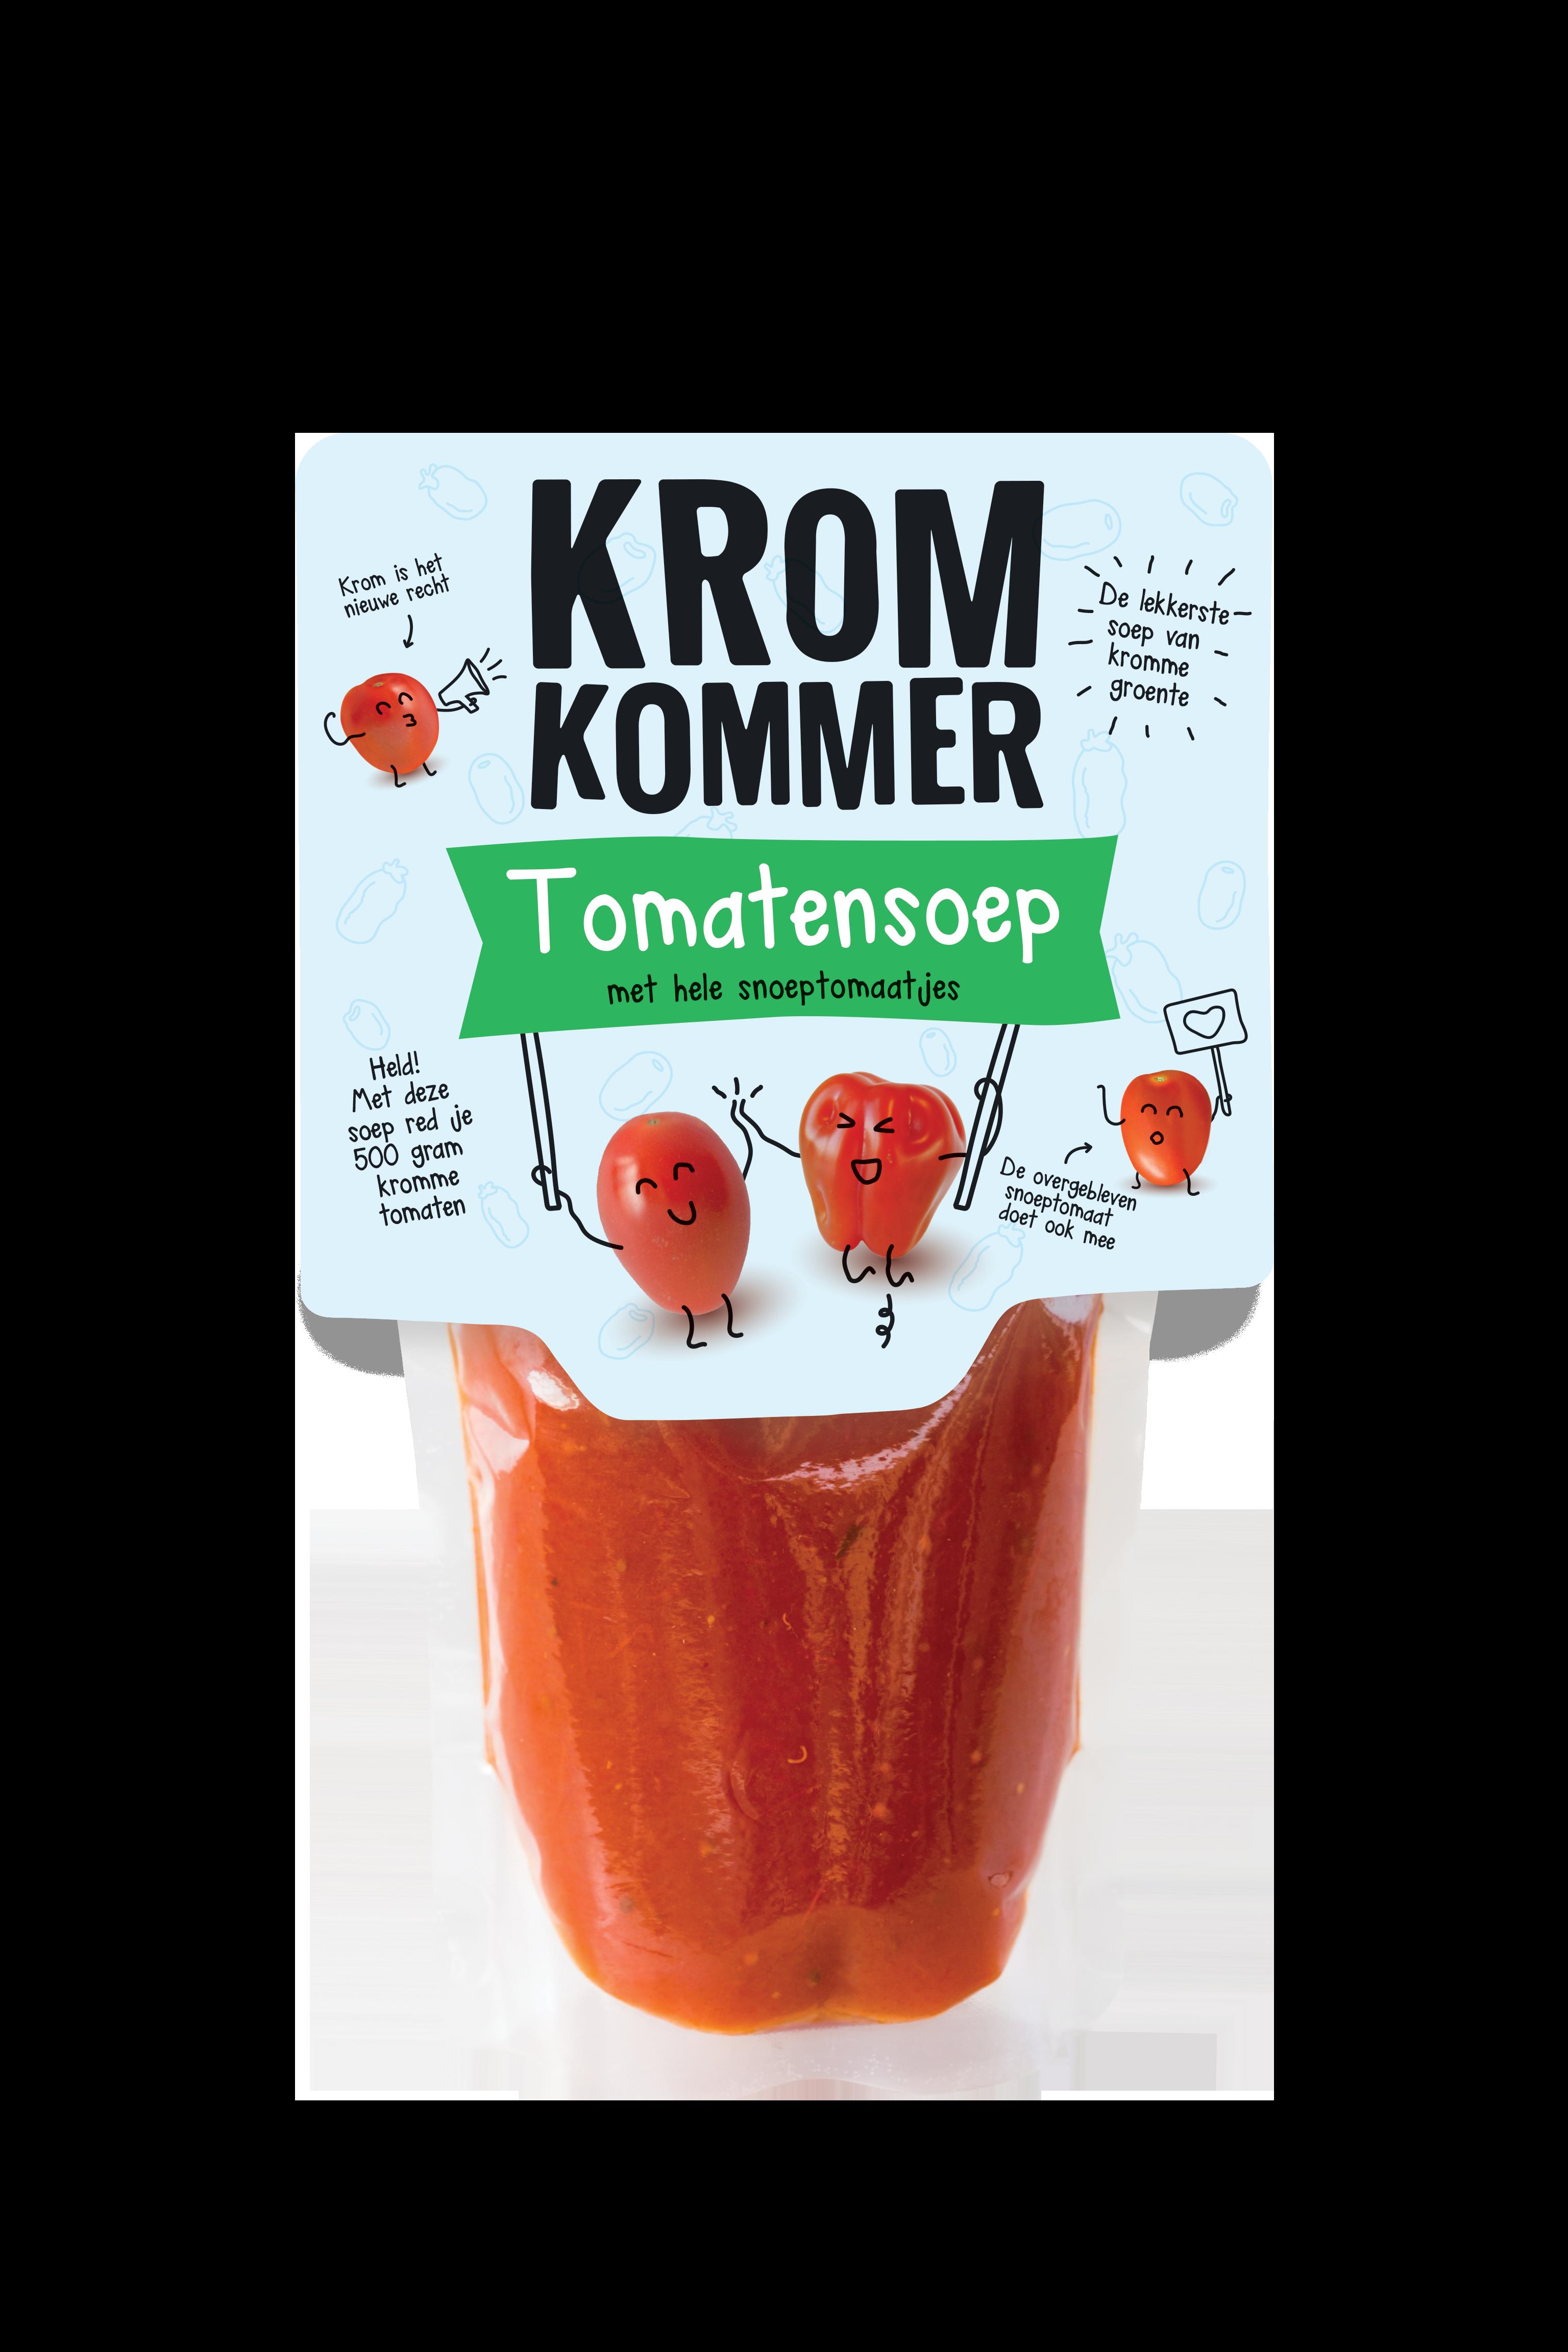 tomatensoep snoeptomaatjes kromkommer